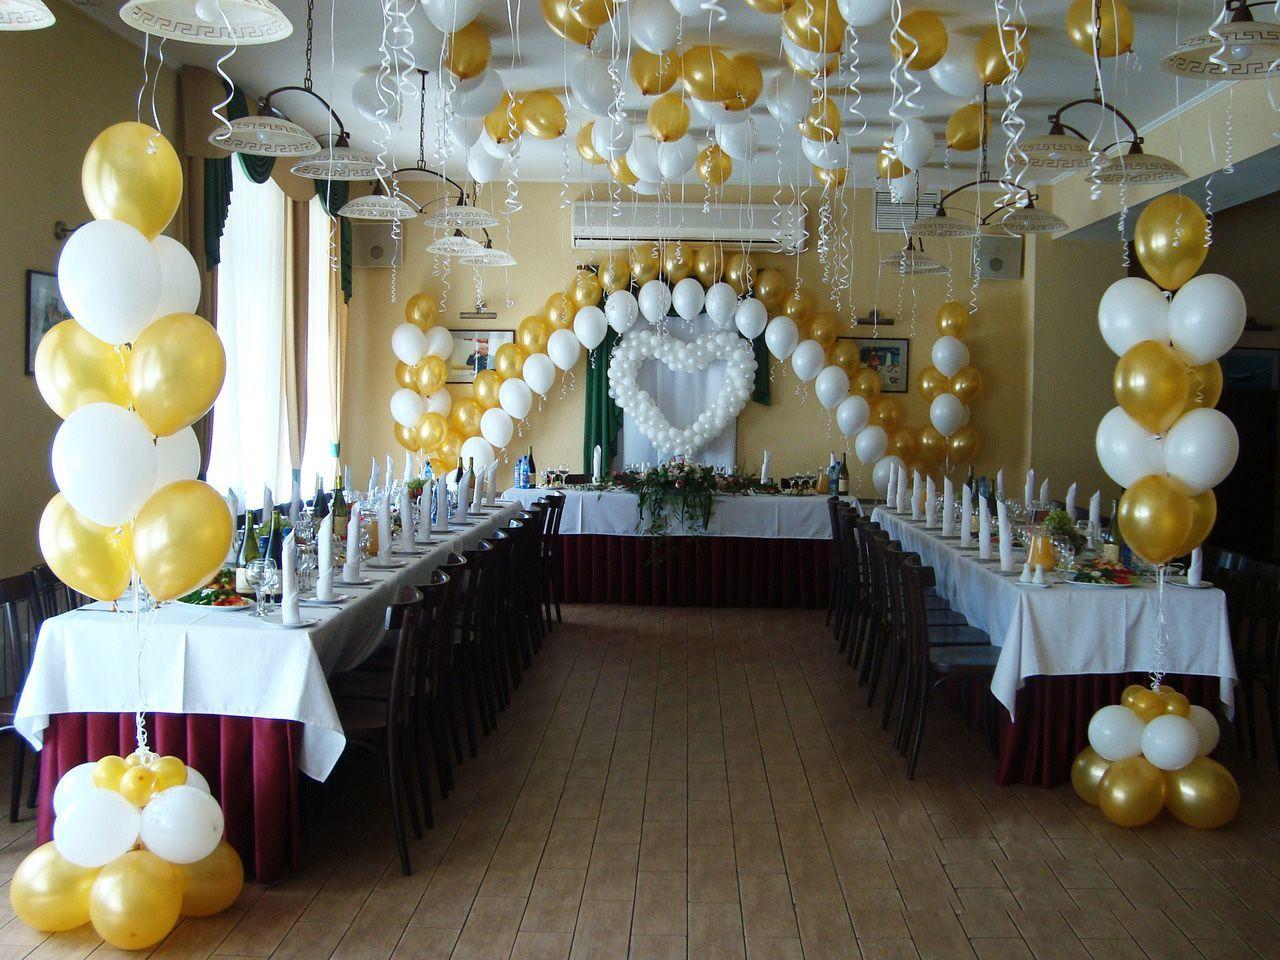 Украшение свадьбы шарами Оформление зала на Свадьбу бело-золотыми шарами ukr3.jpg